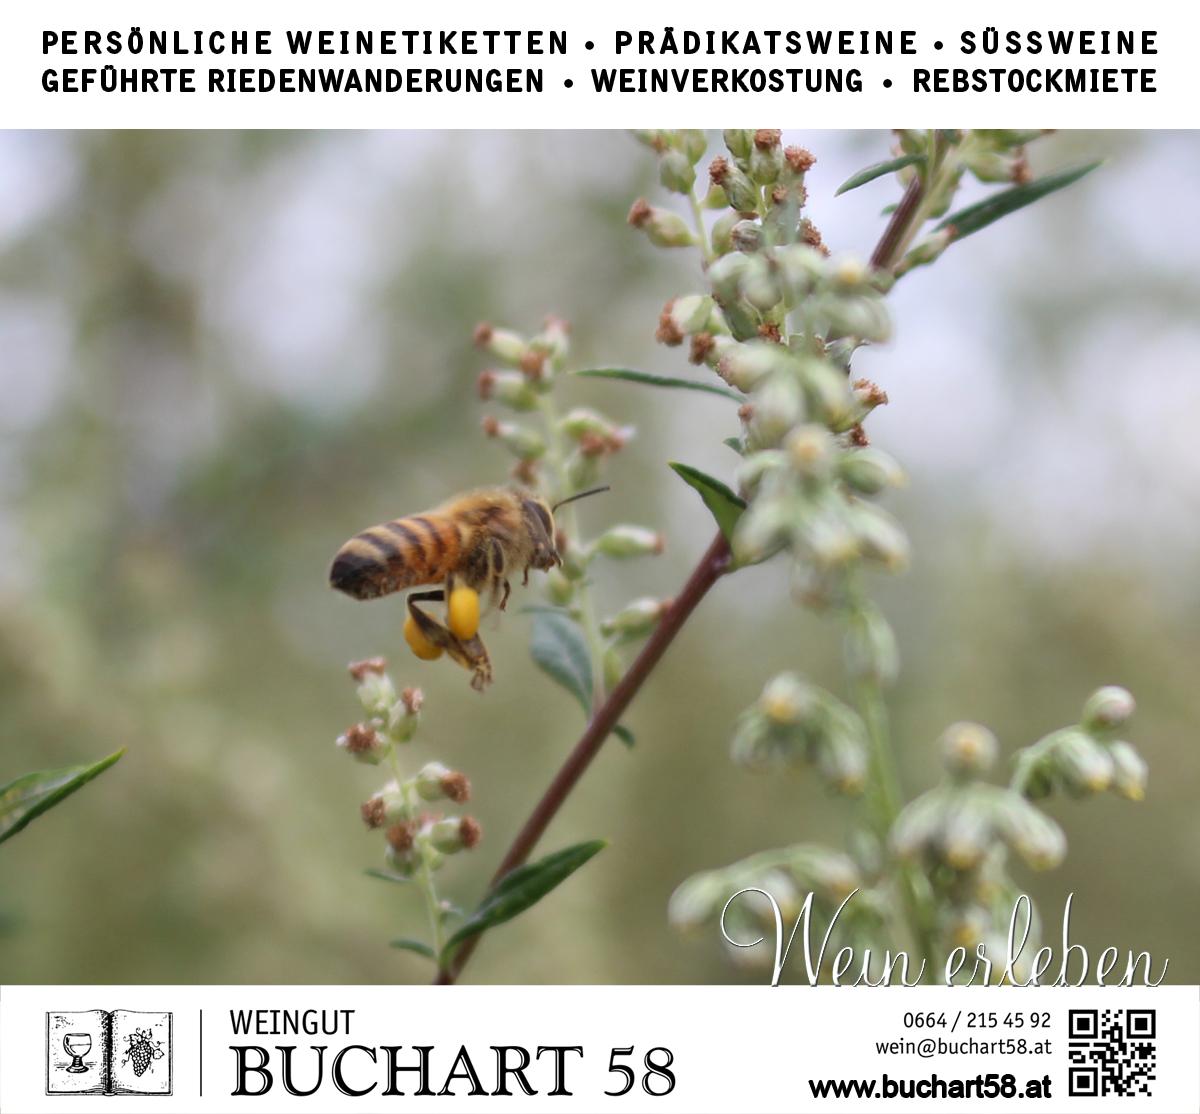 August 2019 WILDBIENEN auf unserem naturbelassenen Freiraum für die Artenvielfalt